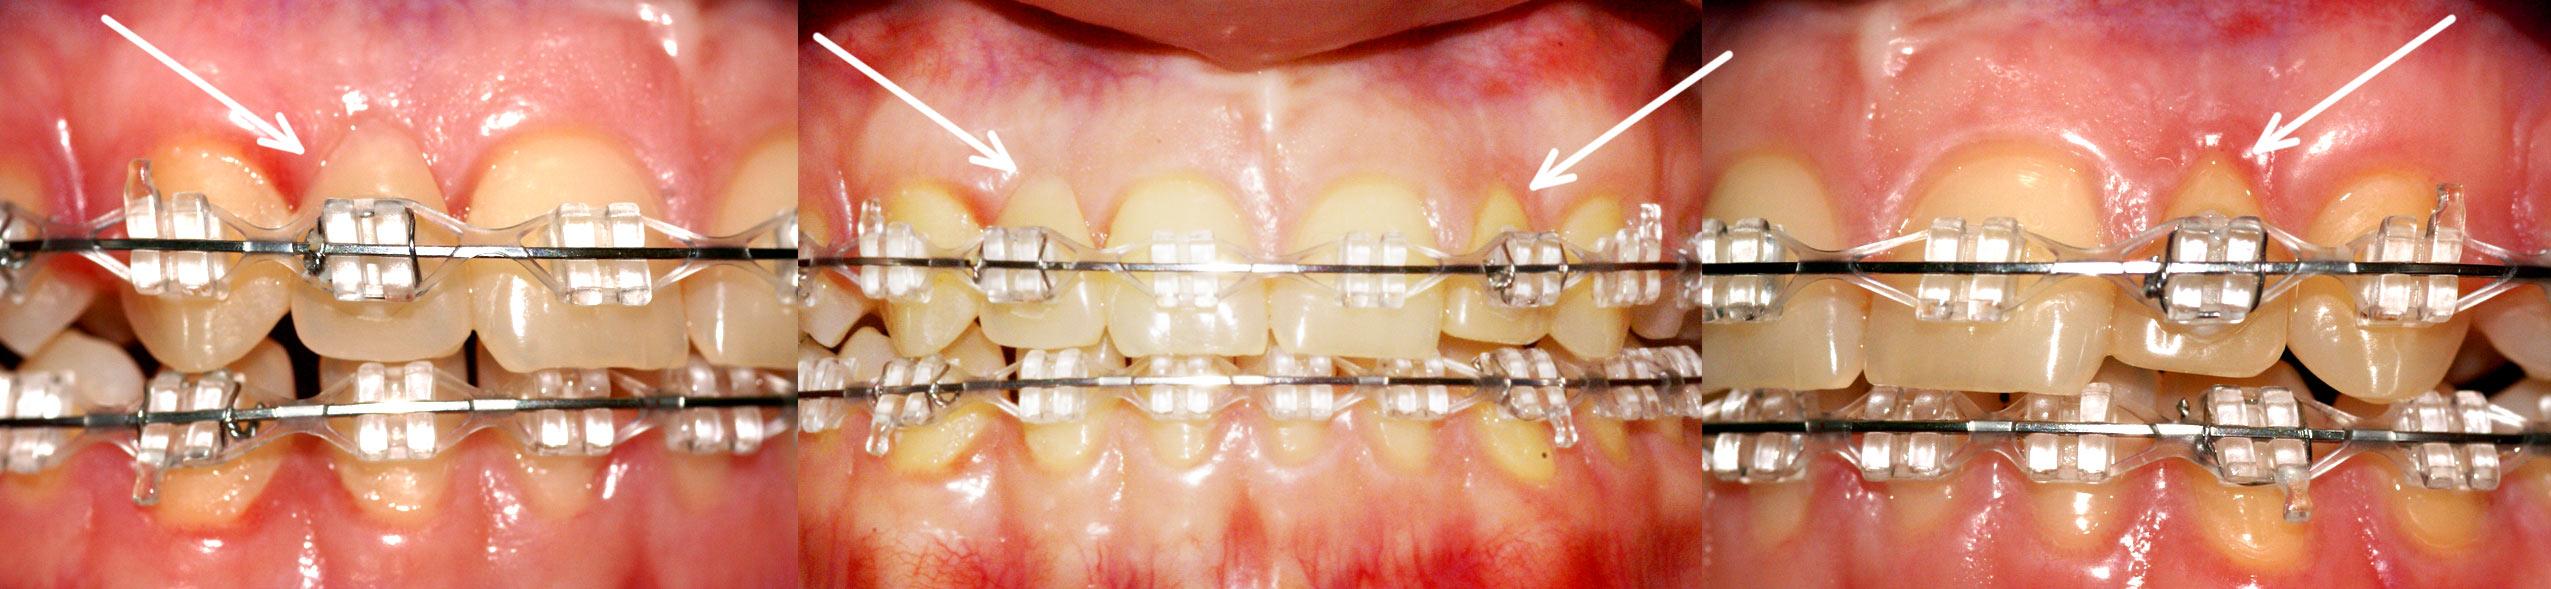 накладные зубы инструкция